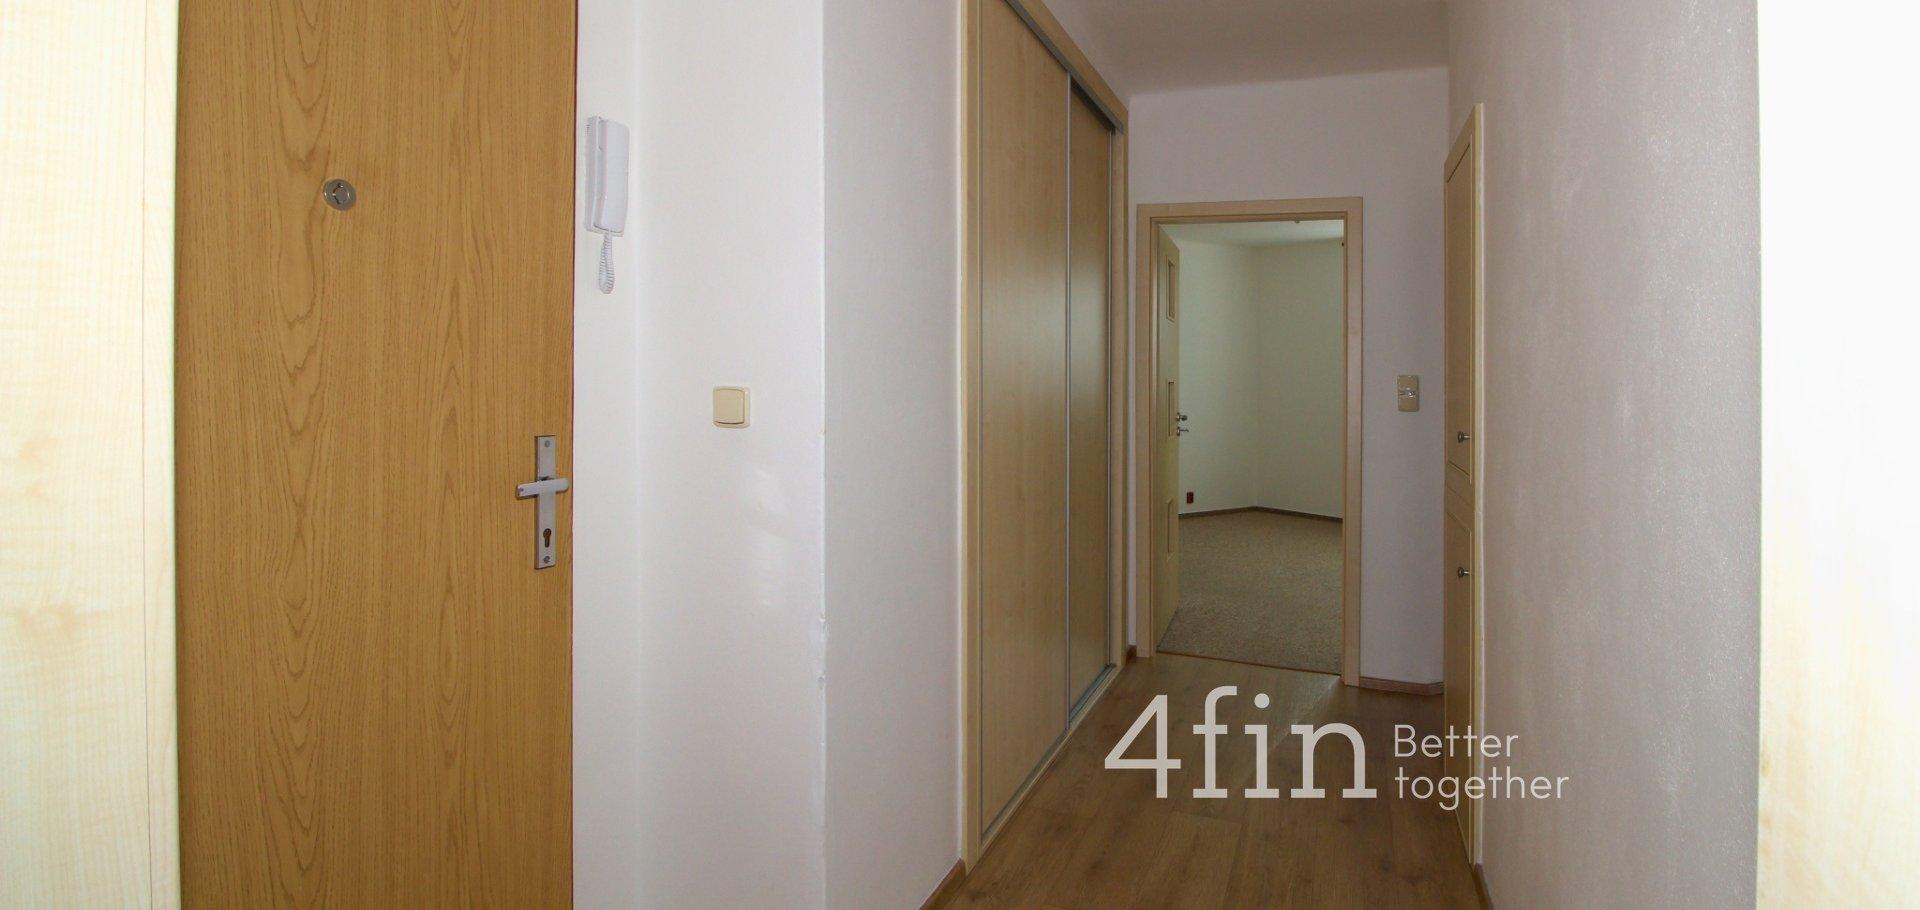 Pronájem bytu 2kk s klimatizací, Sudova Plzeň